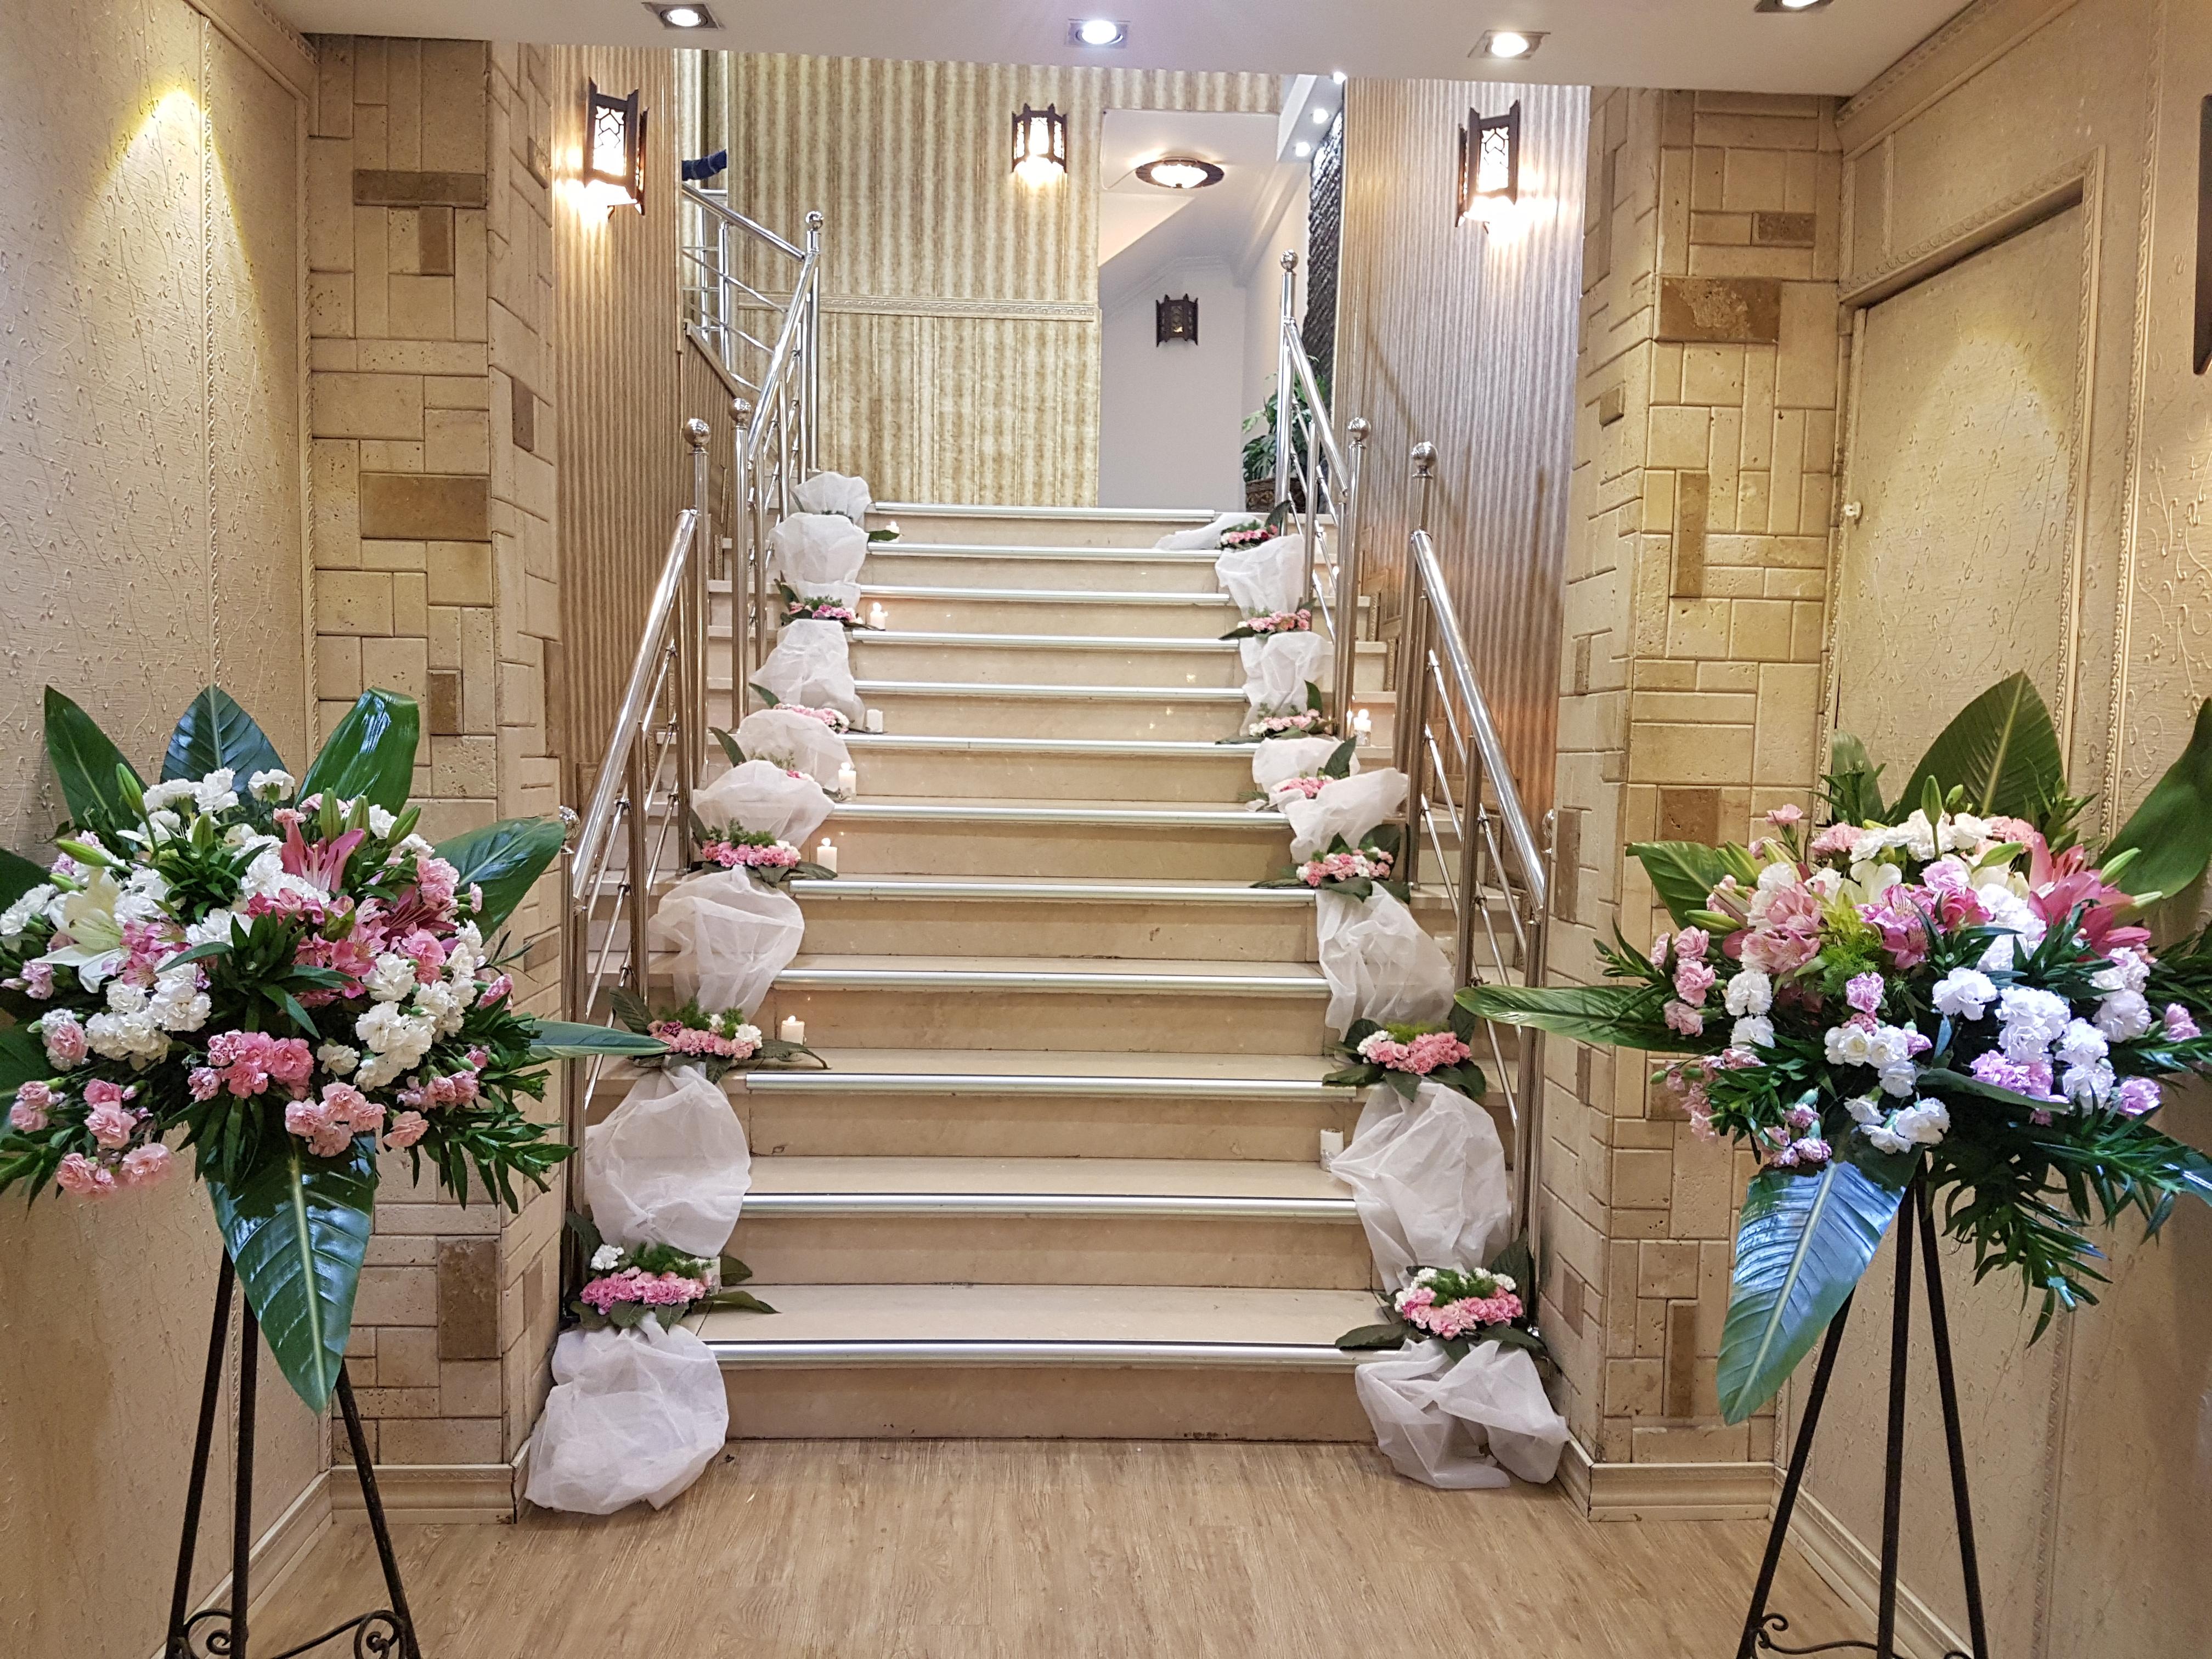 تالار عروسی پردیسان   خروجی سالن عروسی